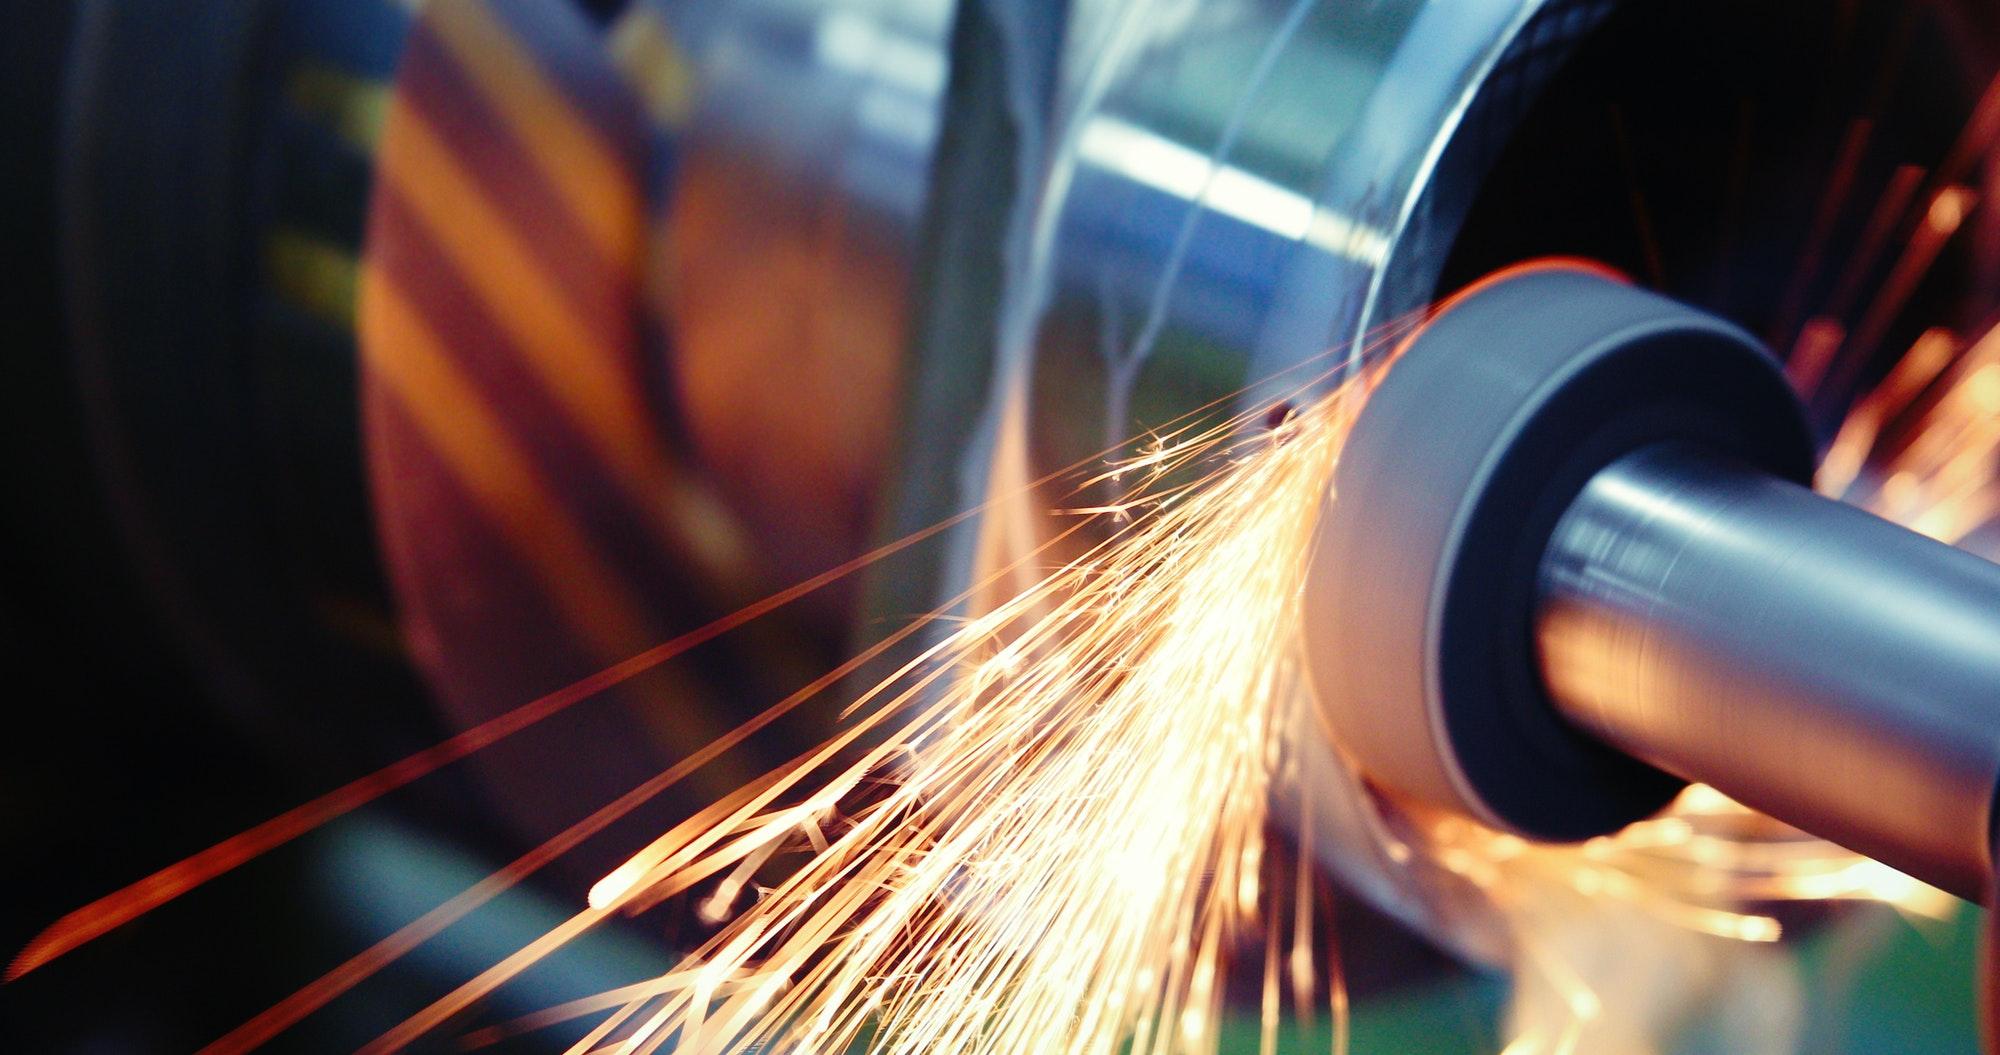 Werkzeugmaschine in Metallfabrik mit CNC-Bohrmaschinen